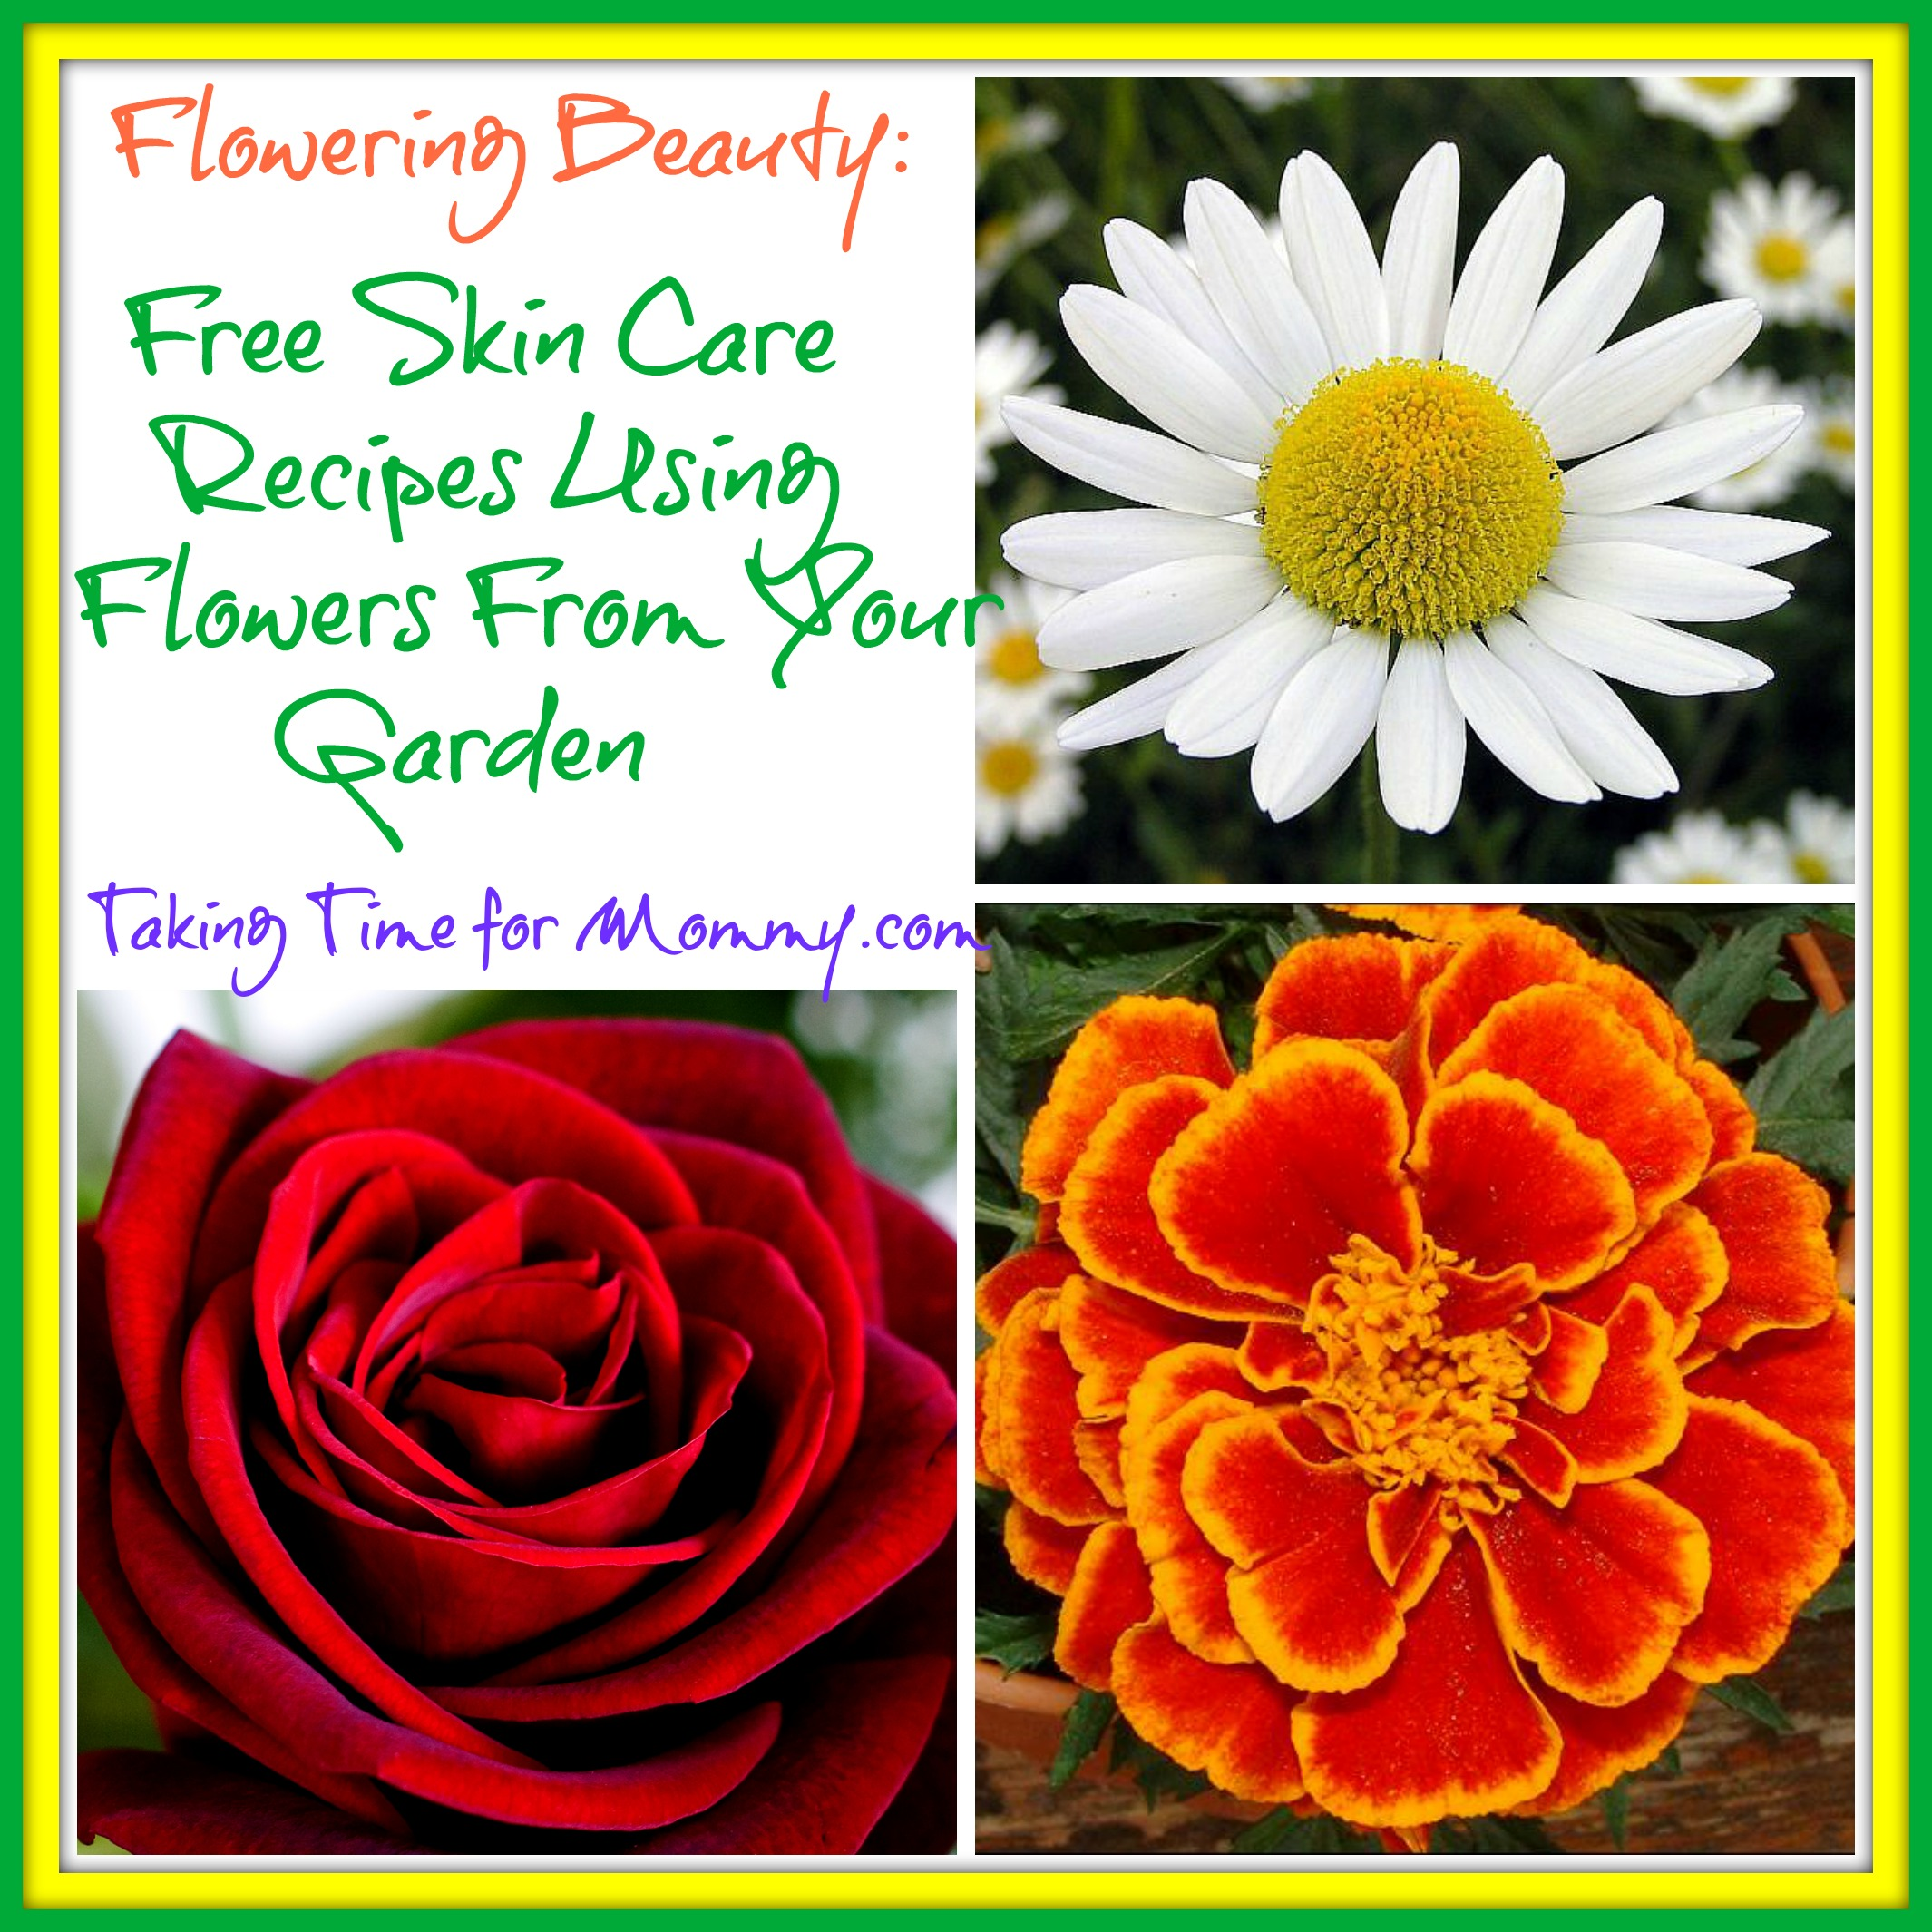 Flowering Beauty